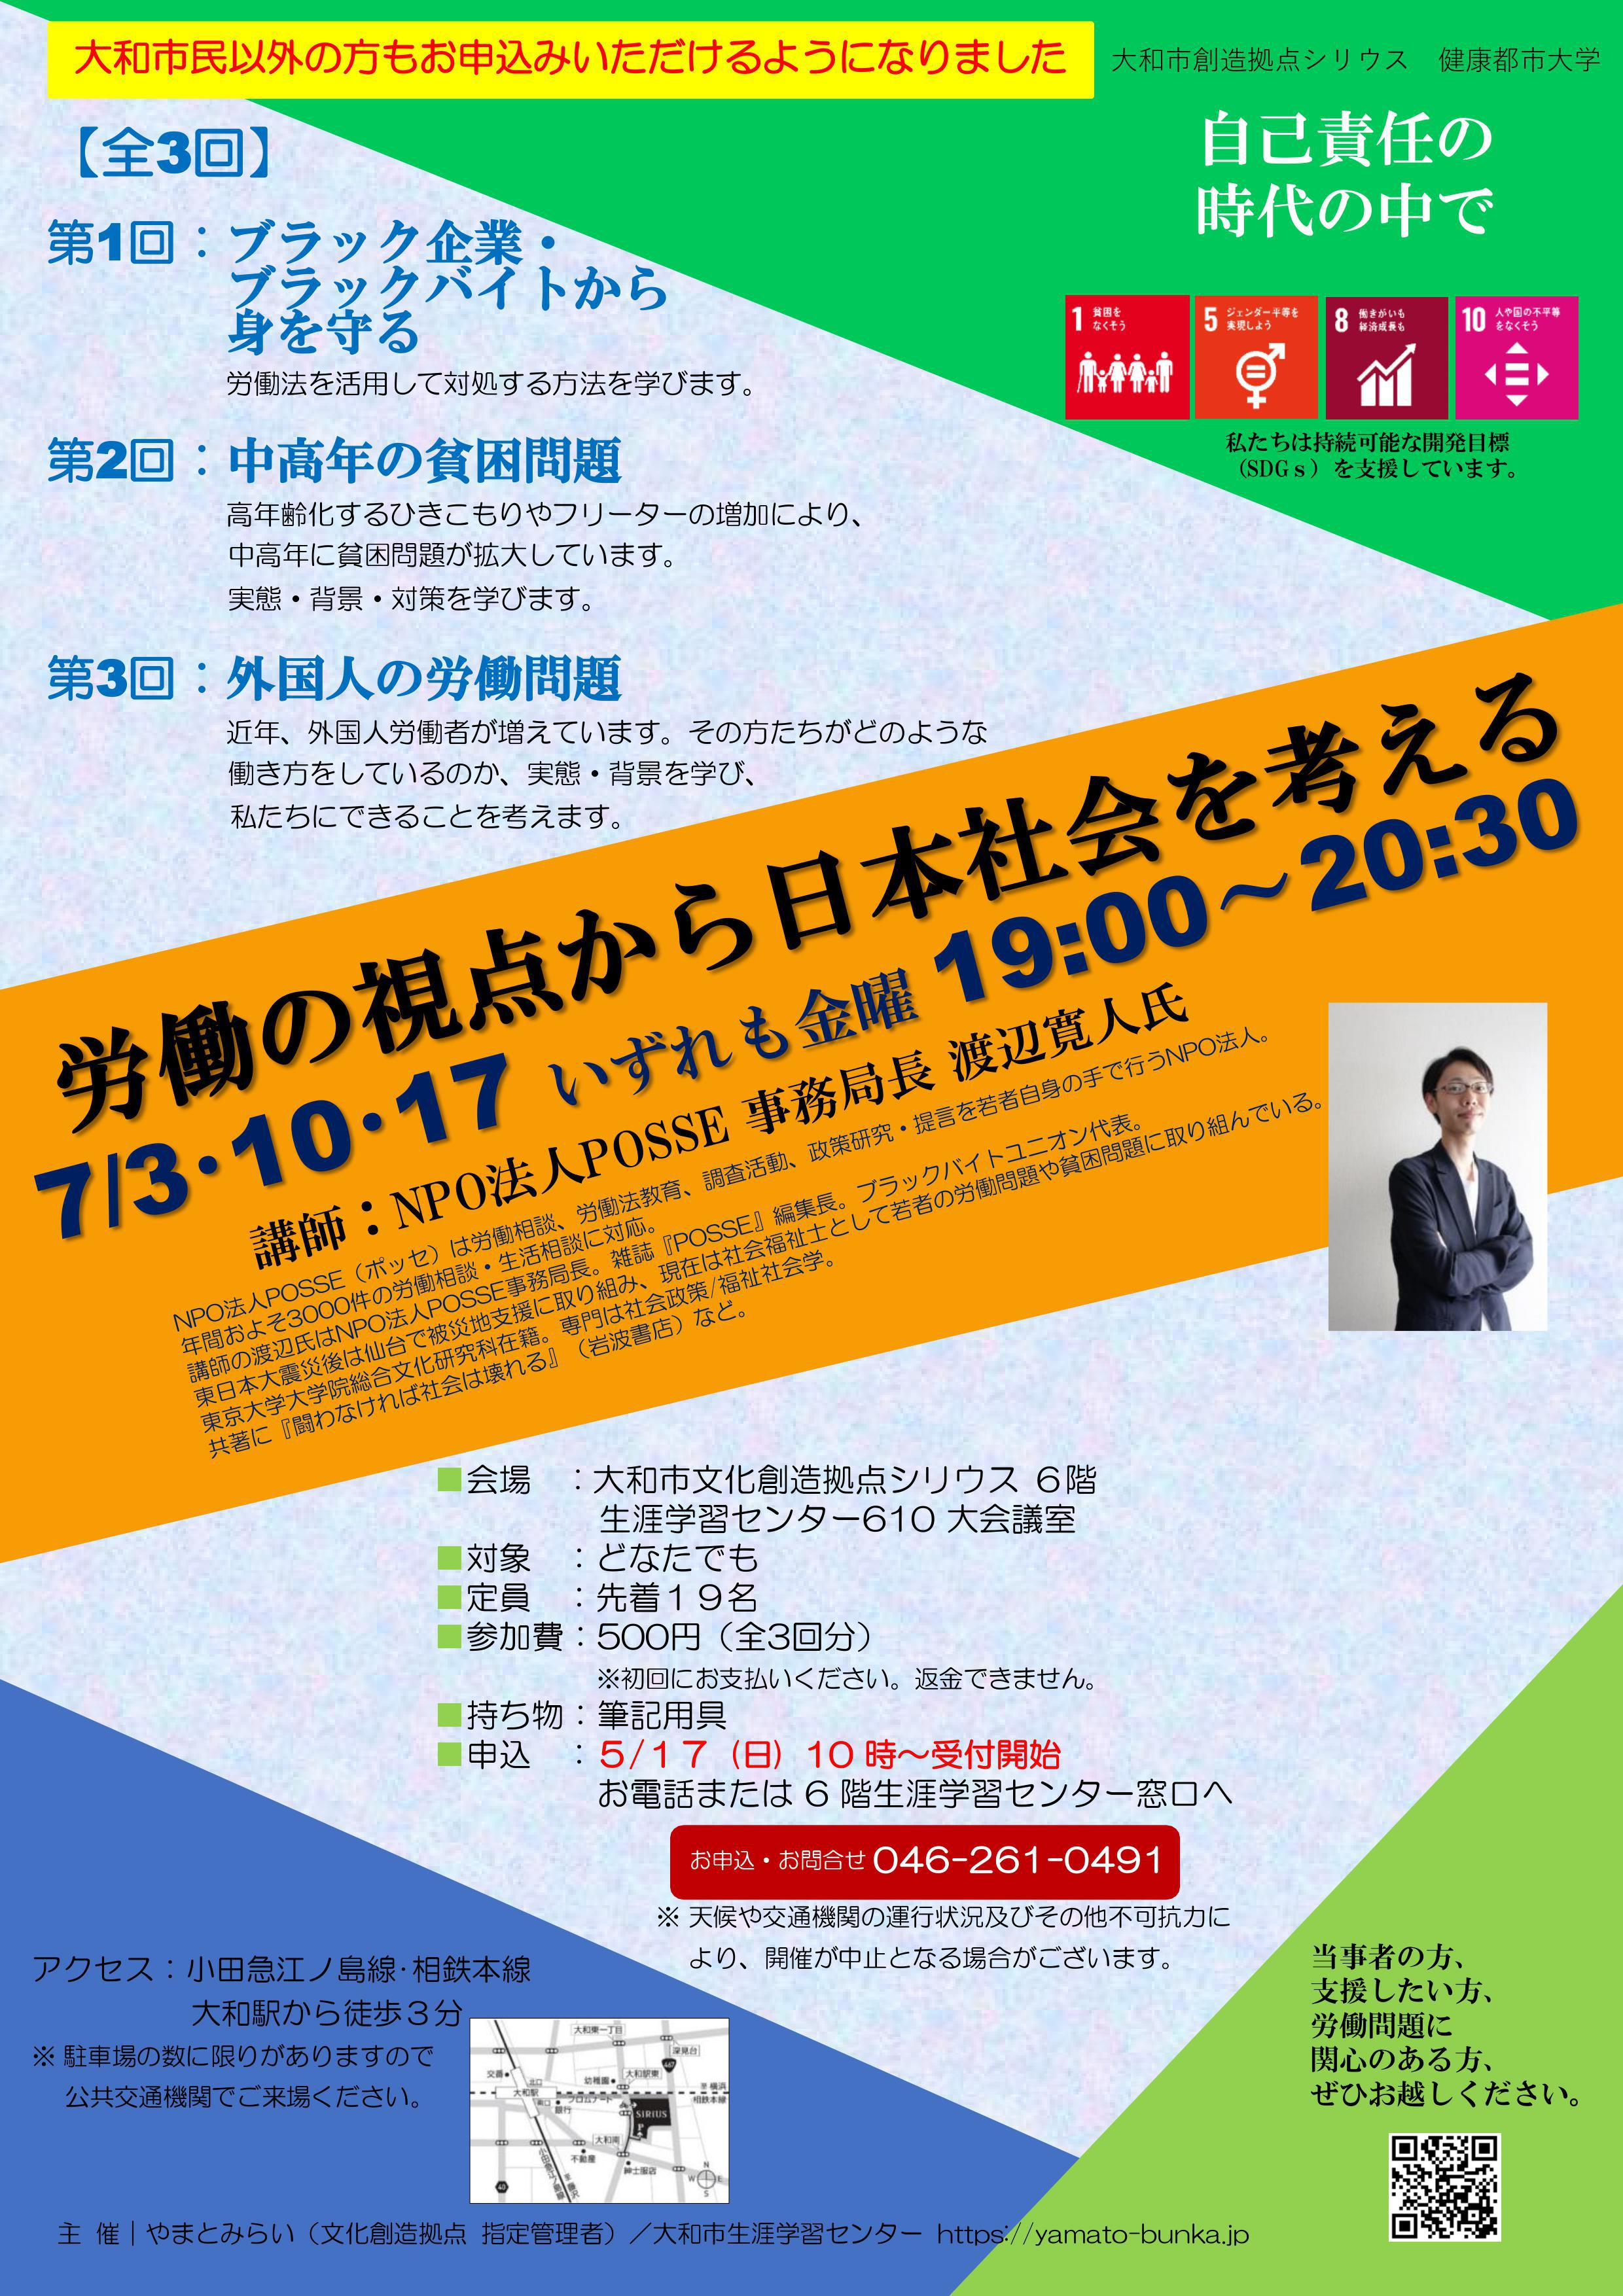 【開催中止】健康都市大学 労働の視点から日本社会を考える